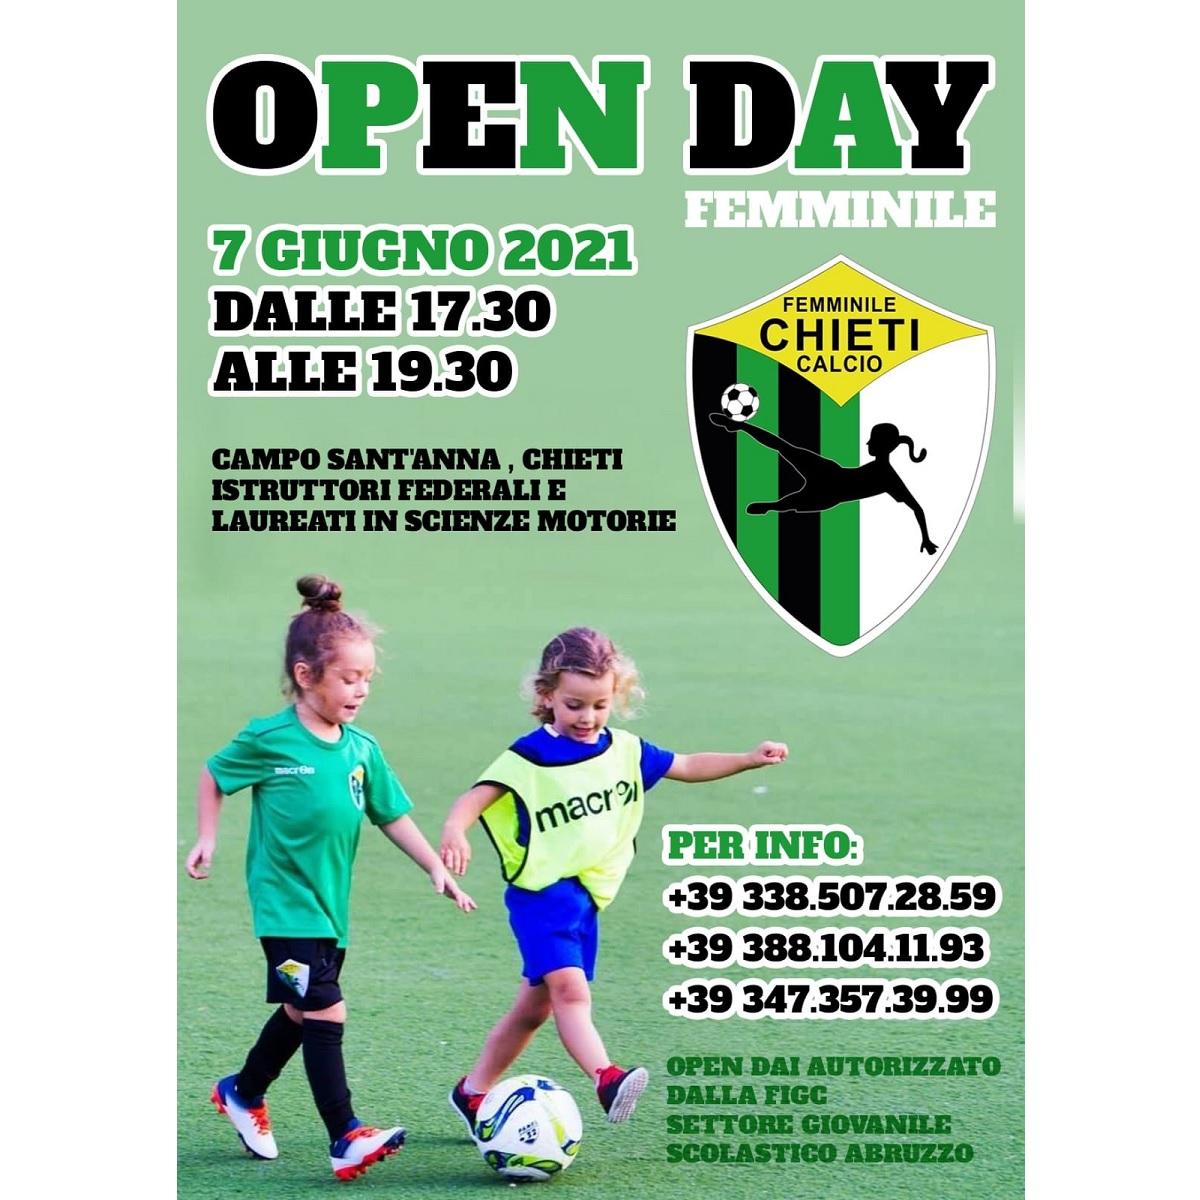 Chieti Calcio Femminile open day 7 giugno 2021 foto